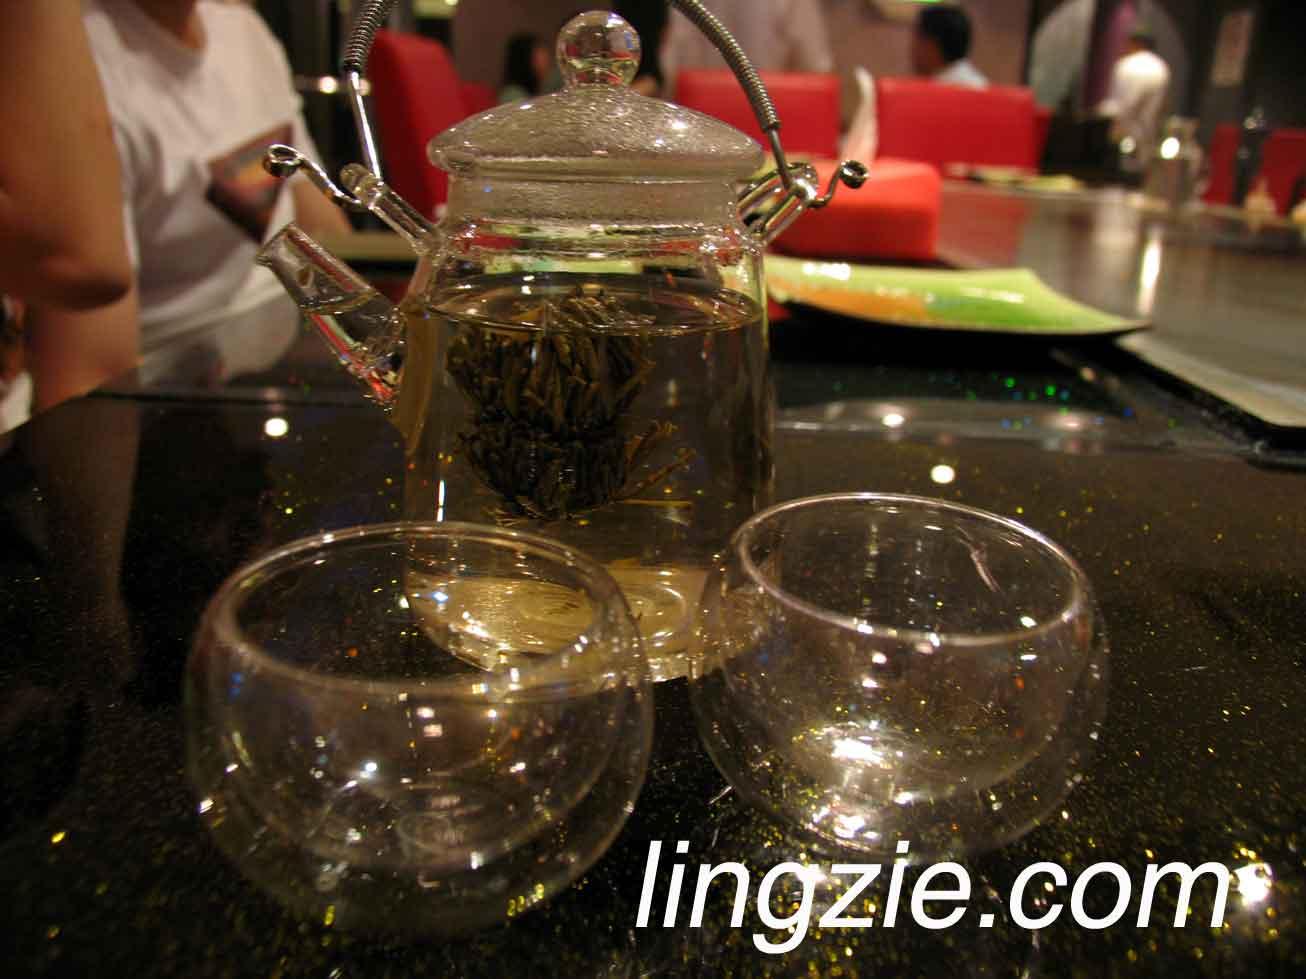 Fancy Corbeil (RM9.90)